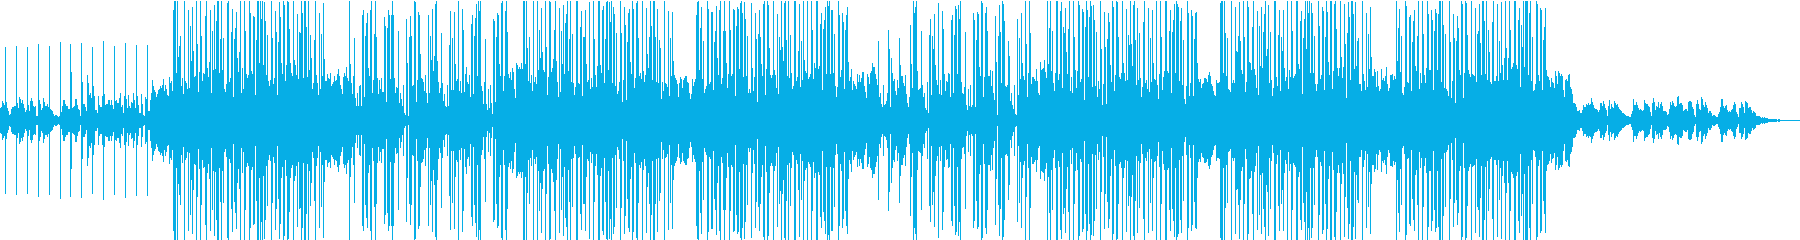 ダブステップでチャームのある曲の再生済みの波形